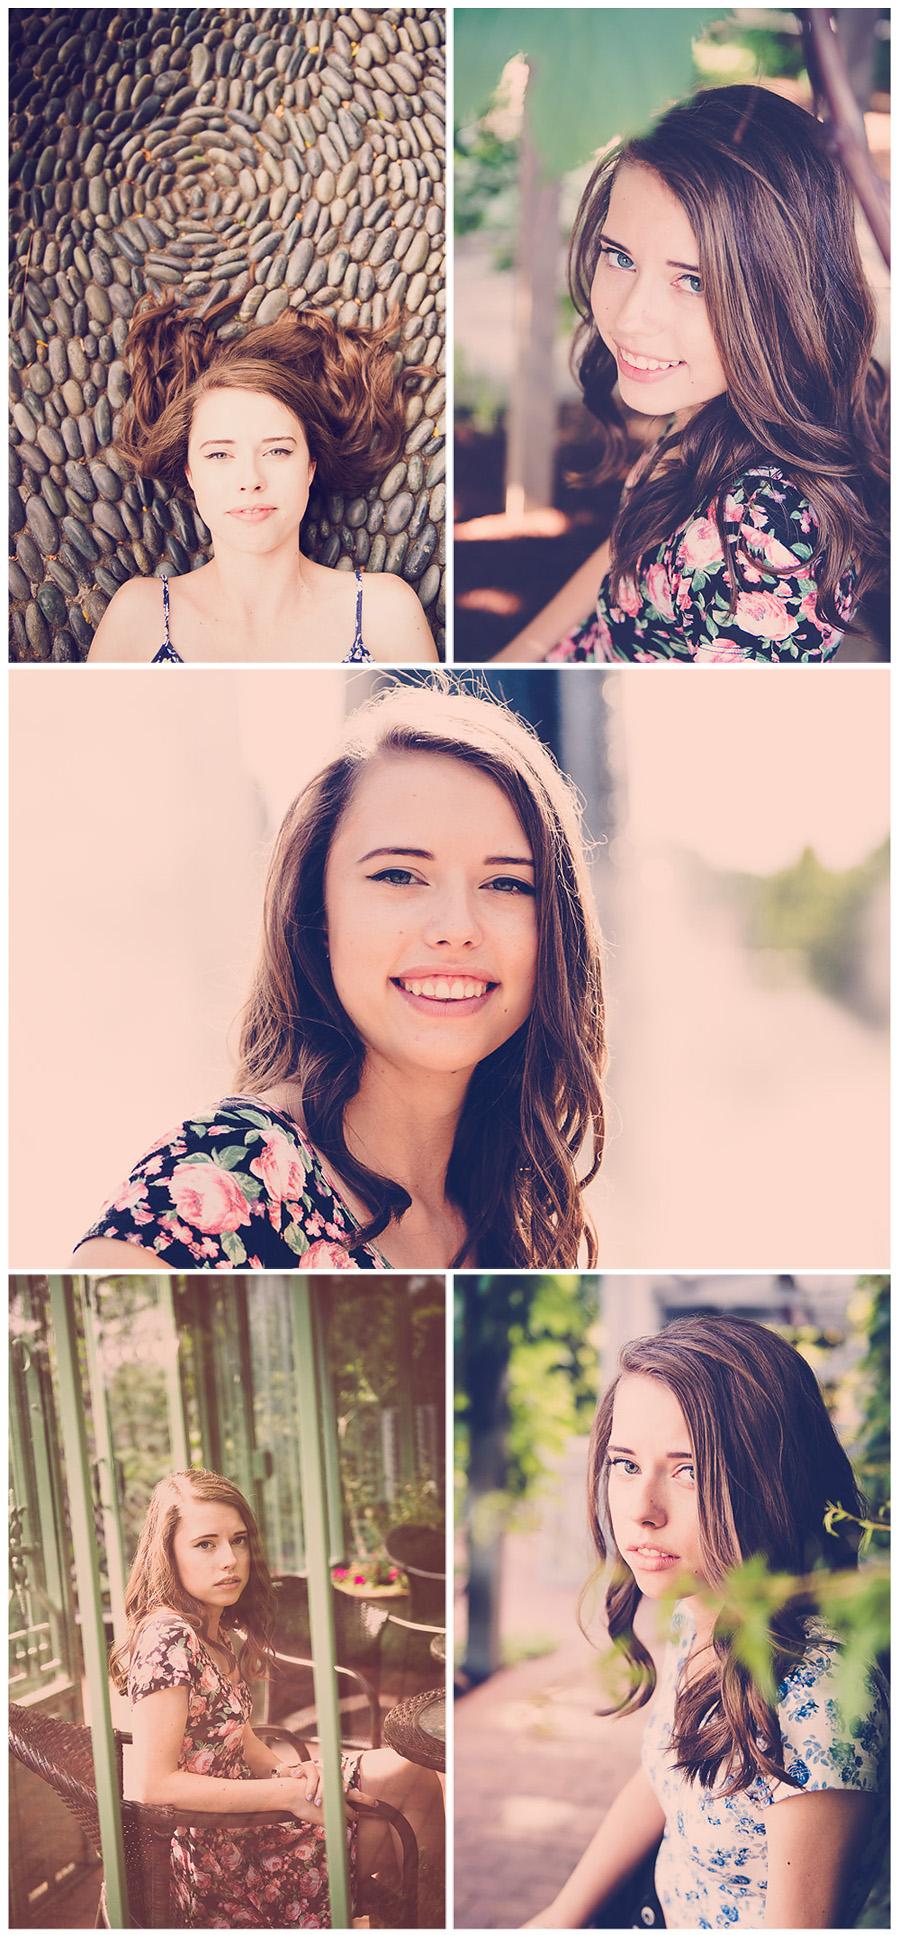 senior photo session Berkeley Magazine style collage